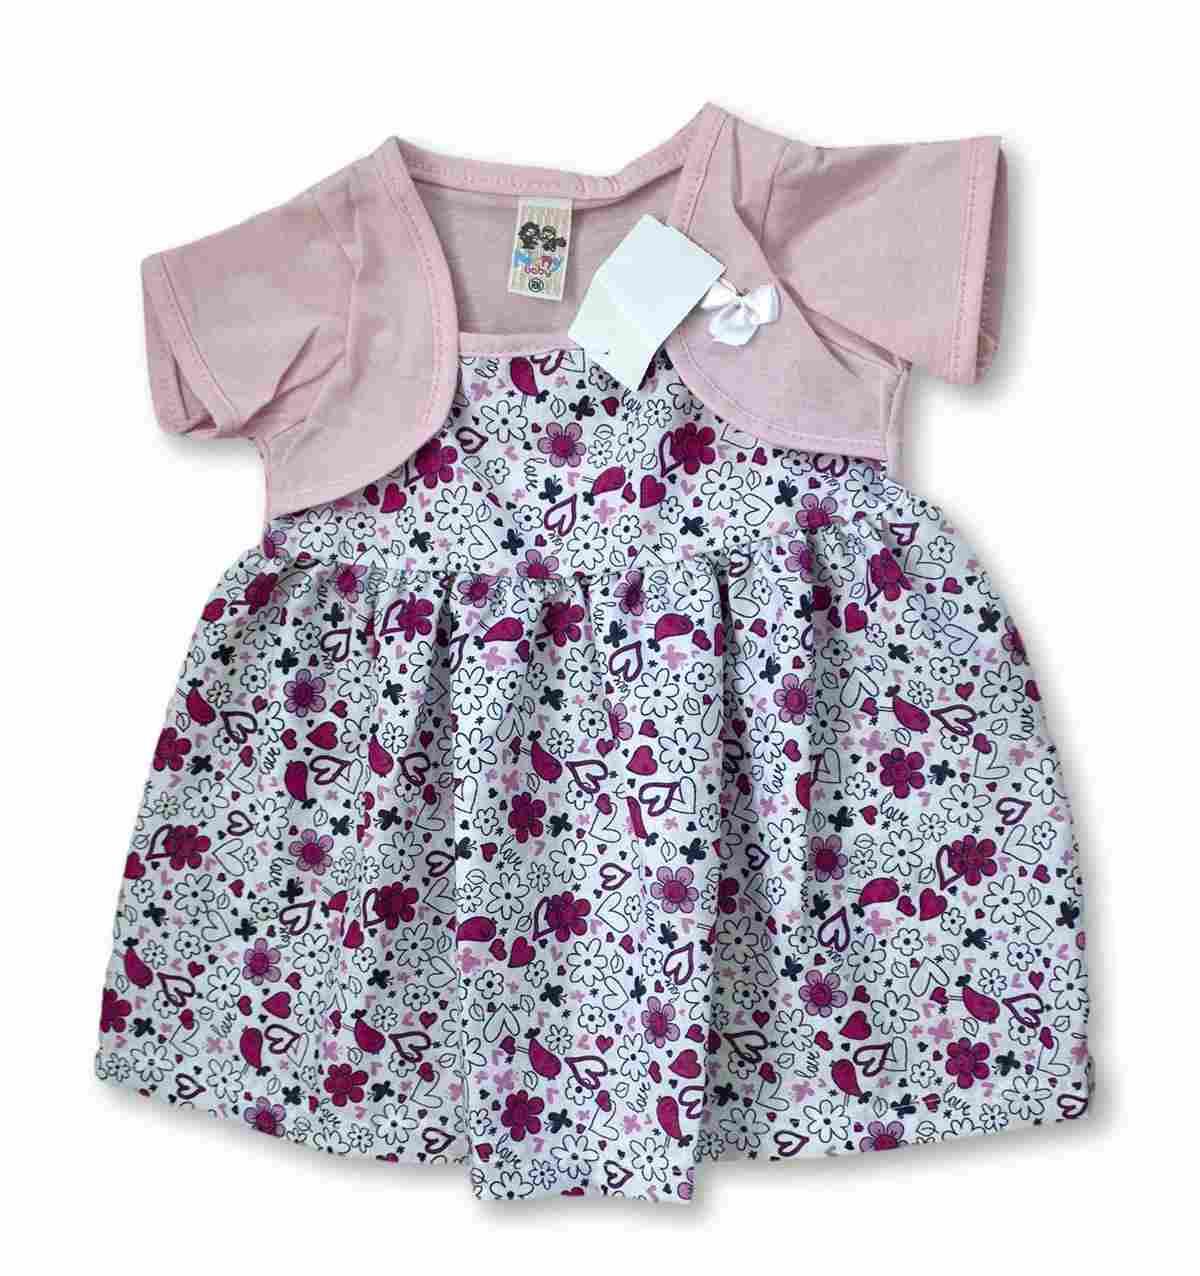 Vestido Bebê Recém Nascido Feminino Menina Cod 9062